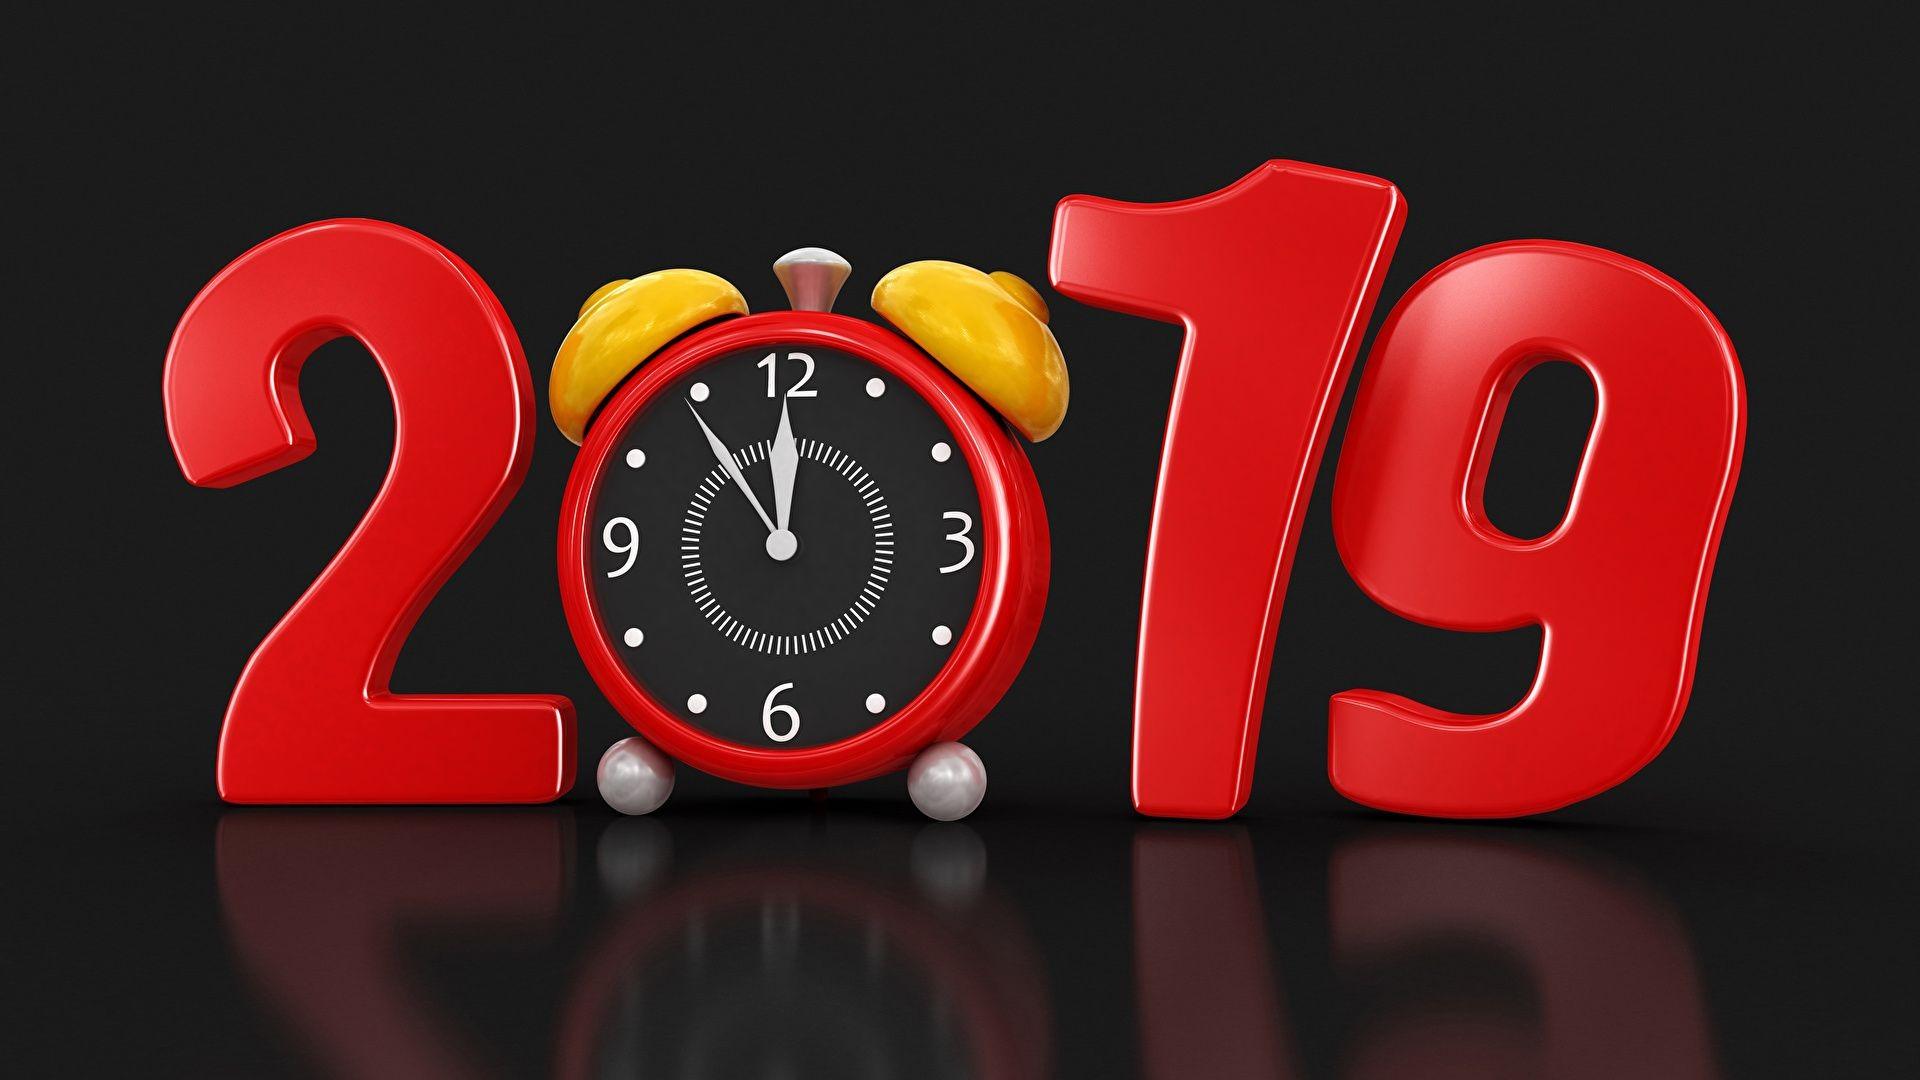 A±o Nuevo Reloj Reloj despertador Fondo negro 2019 3D